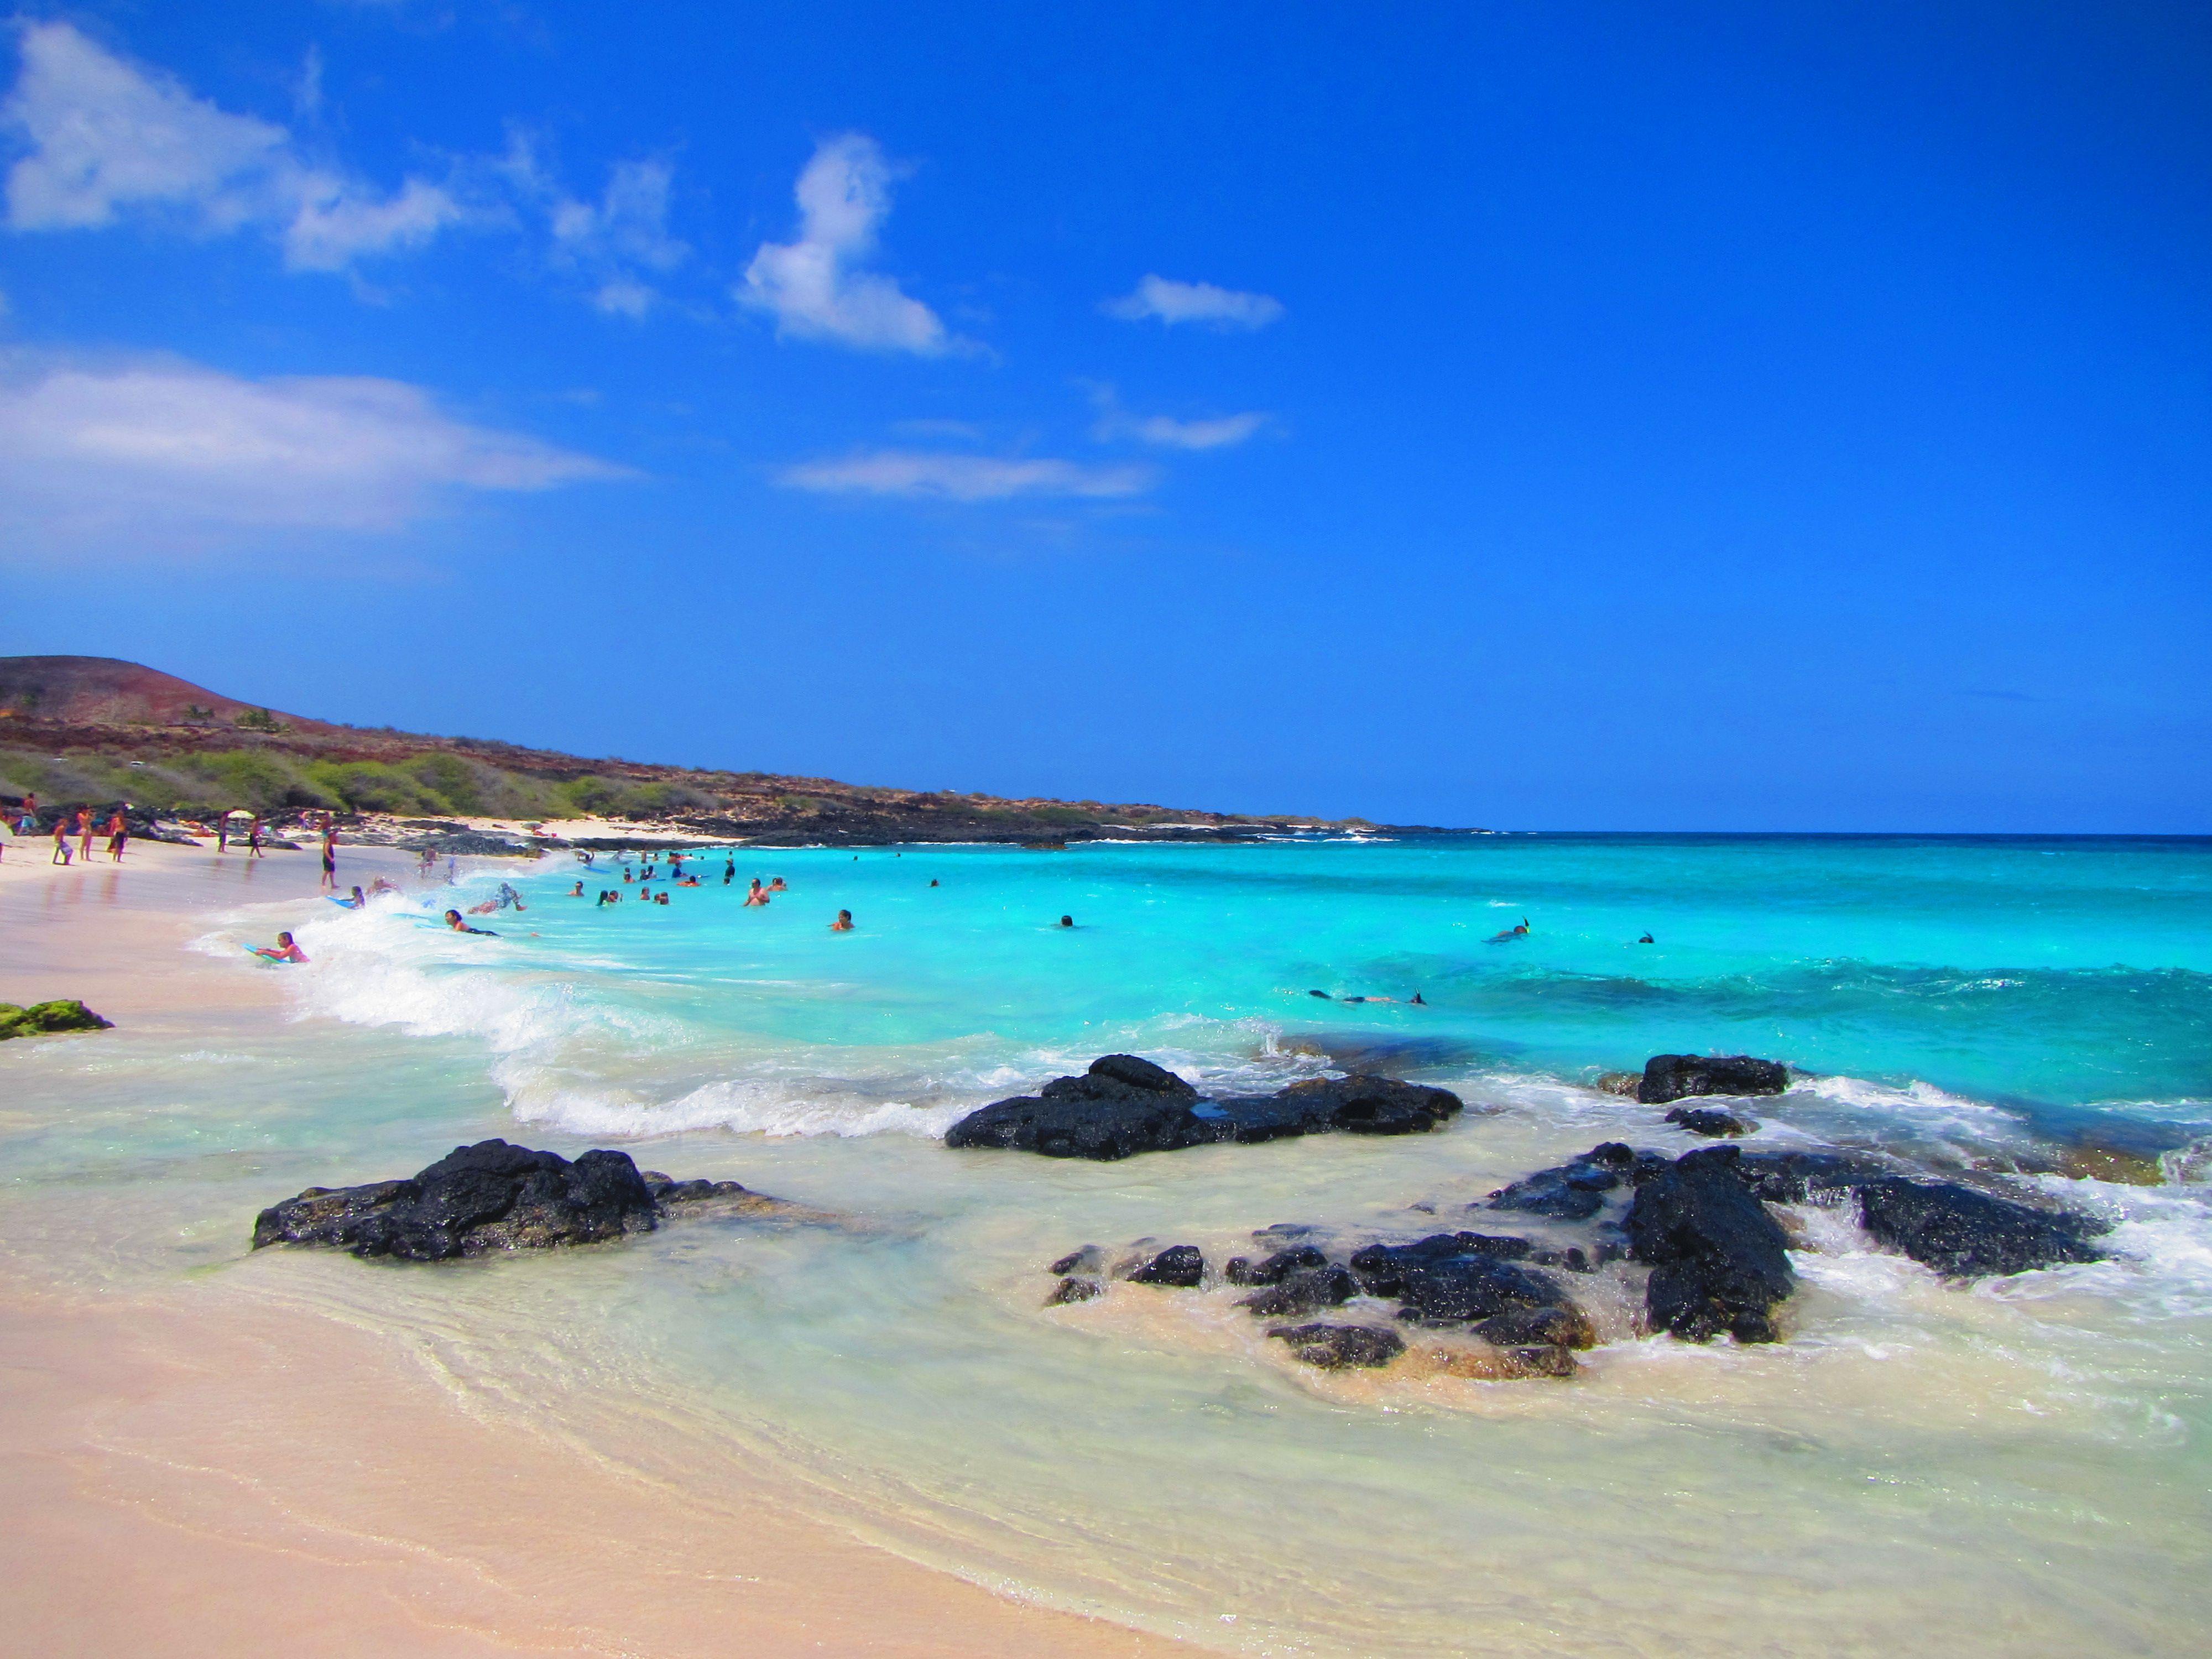 One Of Our Favorite Big Island Beaches Kua Maniniowali Bay Hawaii Vacation Big Island Hawaii Hawaii Island